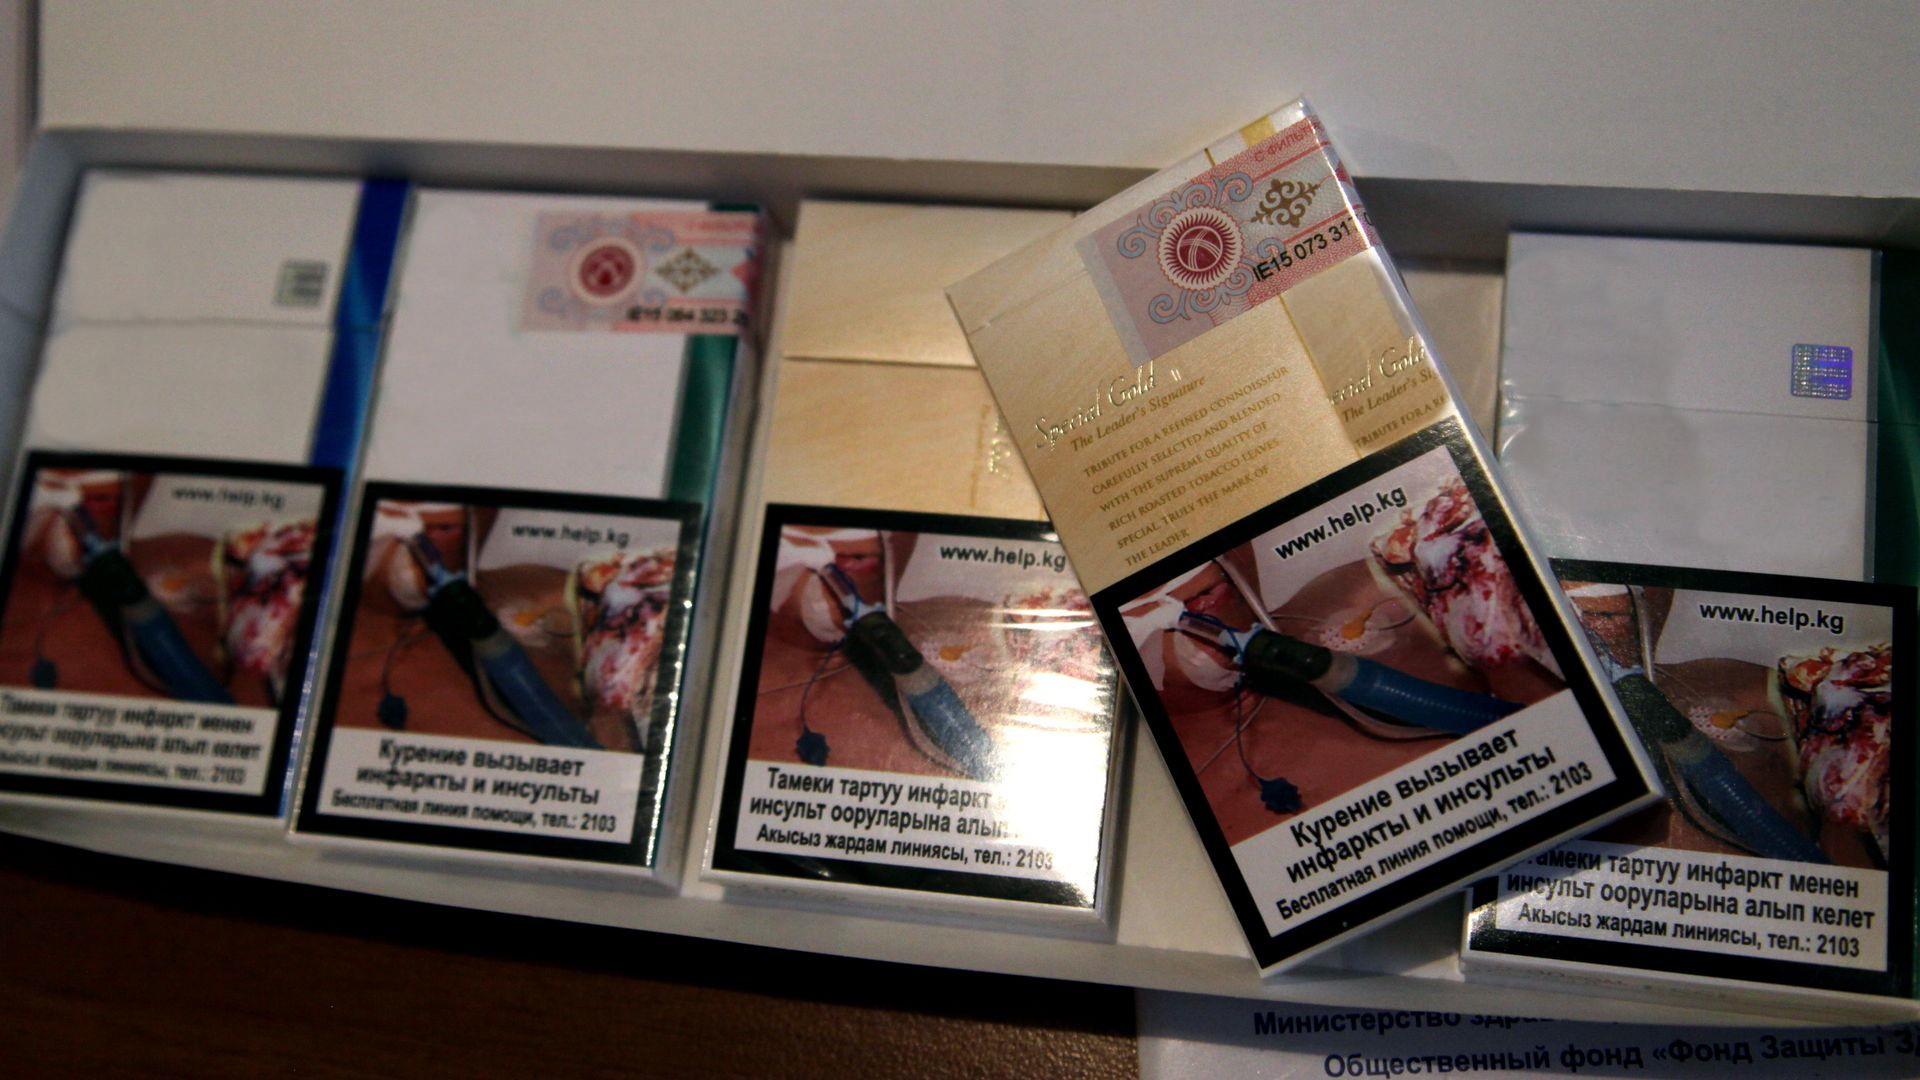 Картинки на пачках сигарет в 2017 году станут еще более жуткими